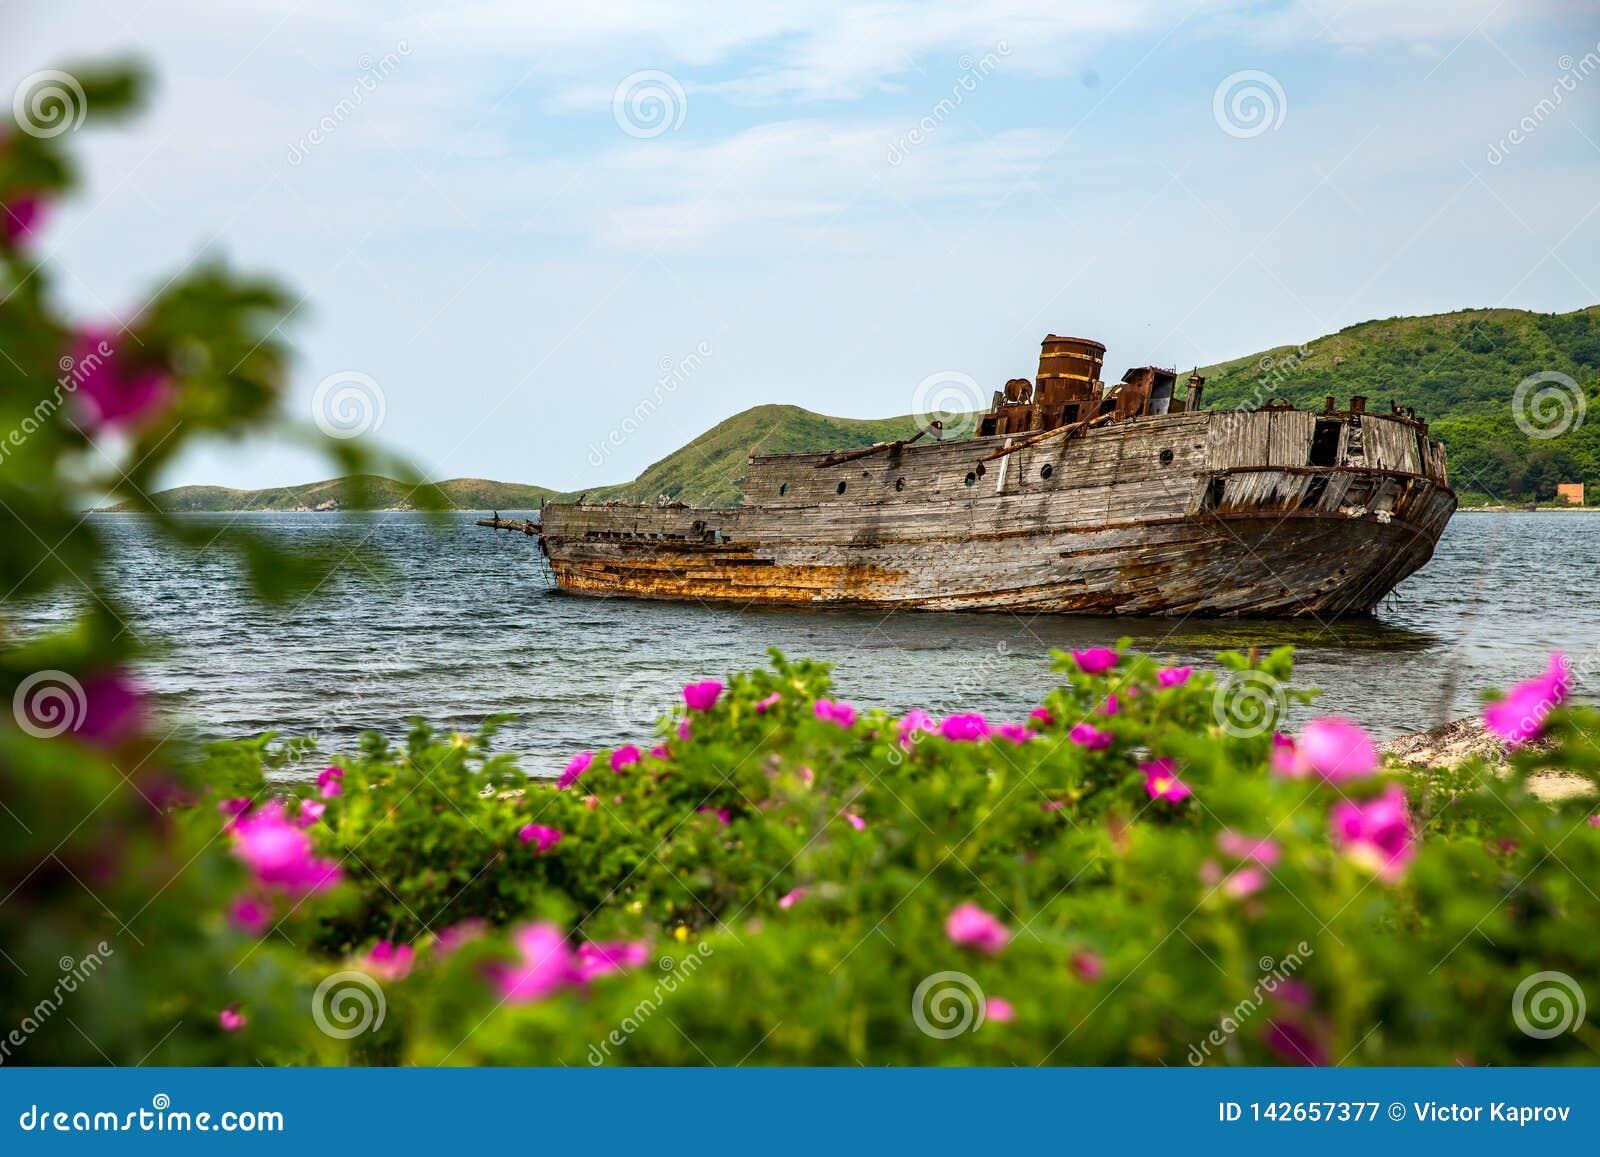 Gedaald schip op een achtergrond van bloemen